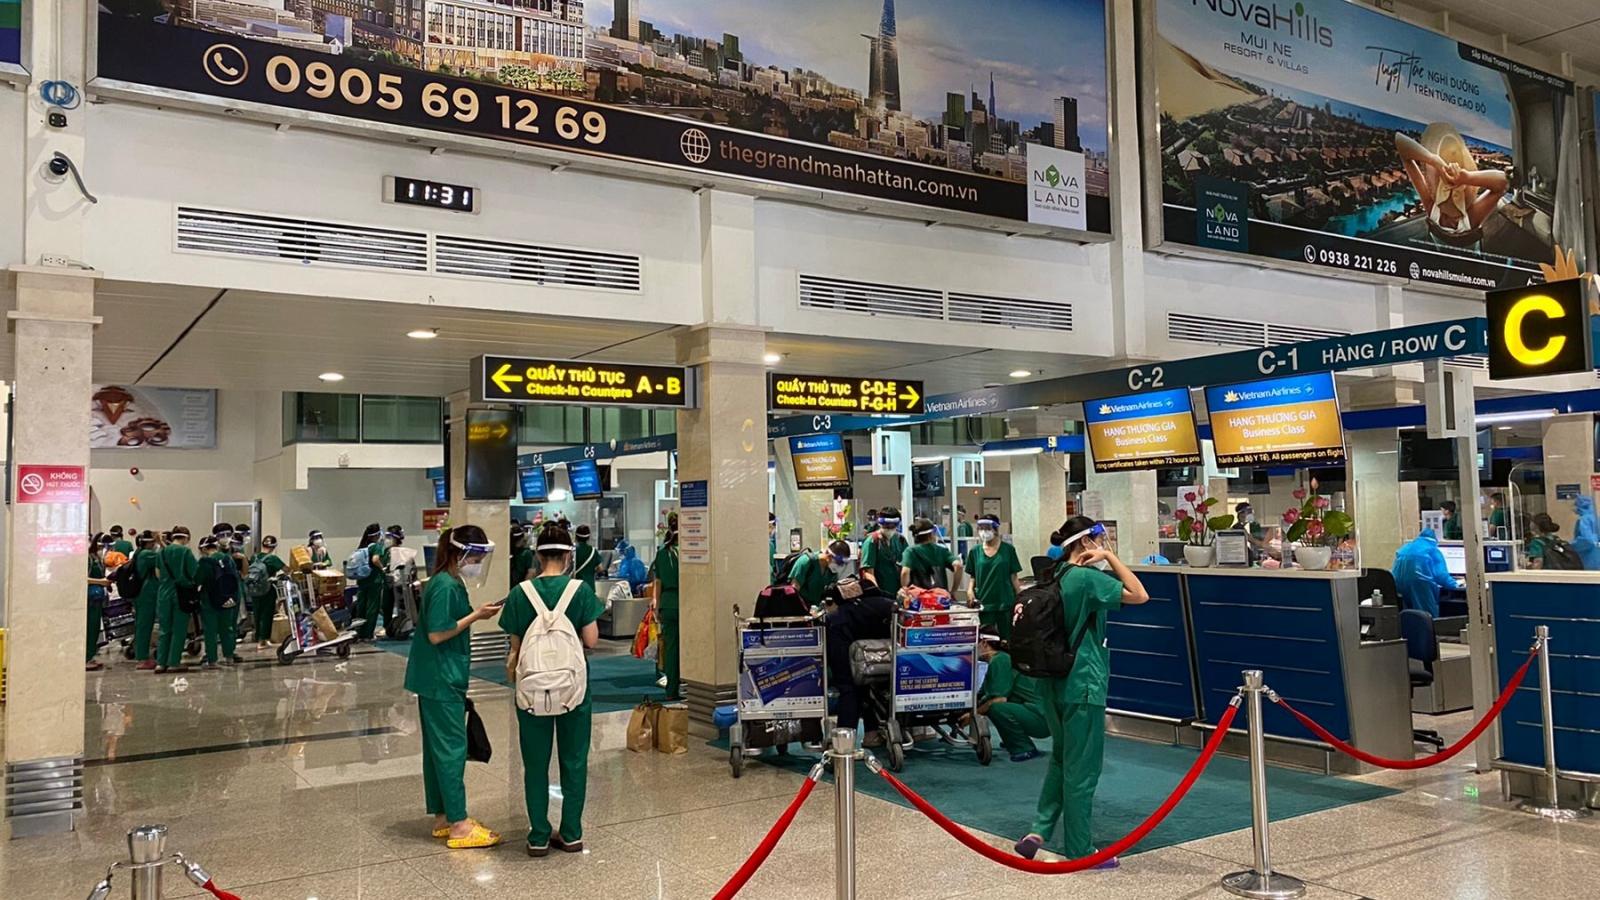 Năm chuyến baychở gần 1.000 y bác sĩ, sinh viên y tế hỗ trợ TPHCM về Hà Nội